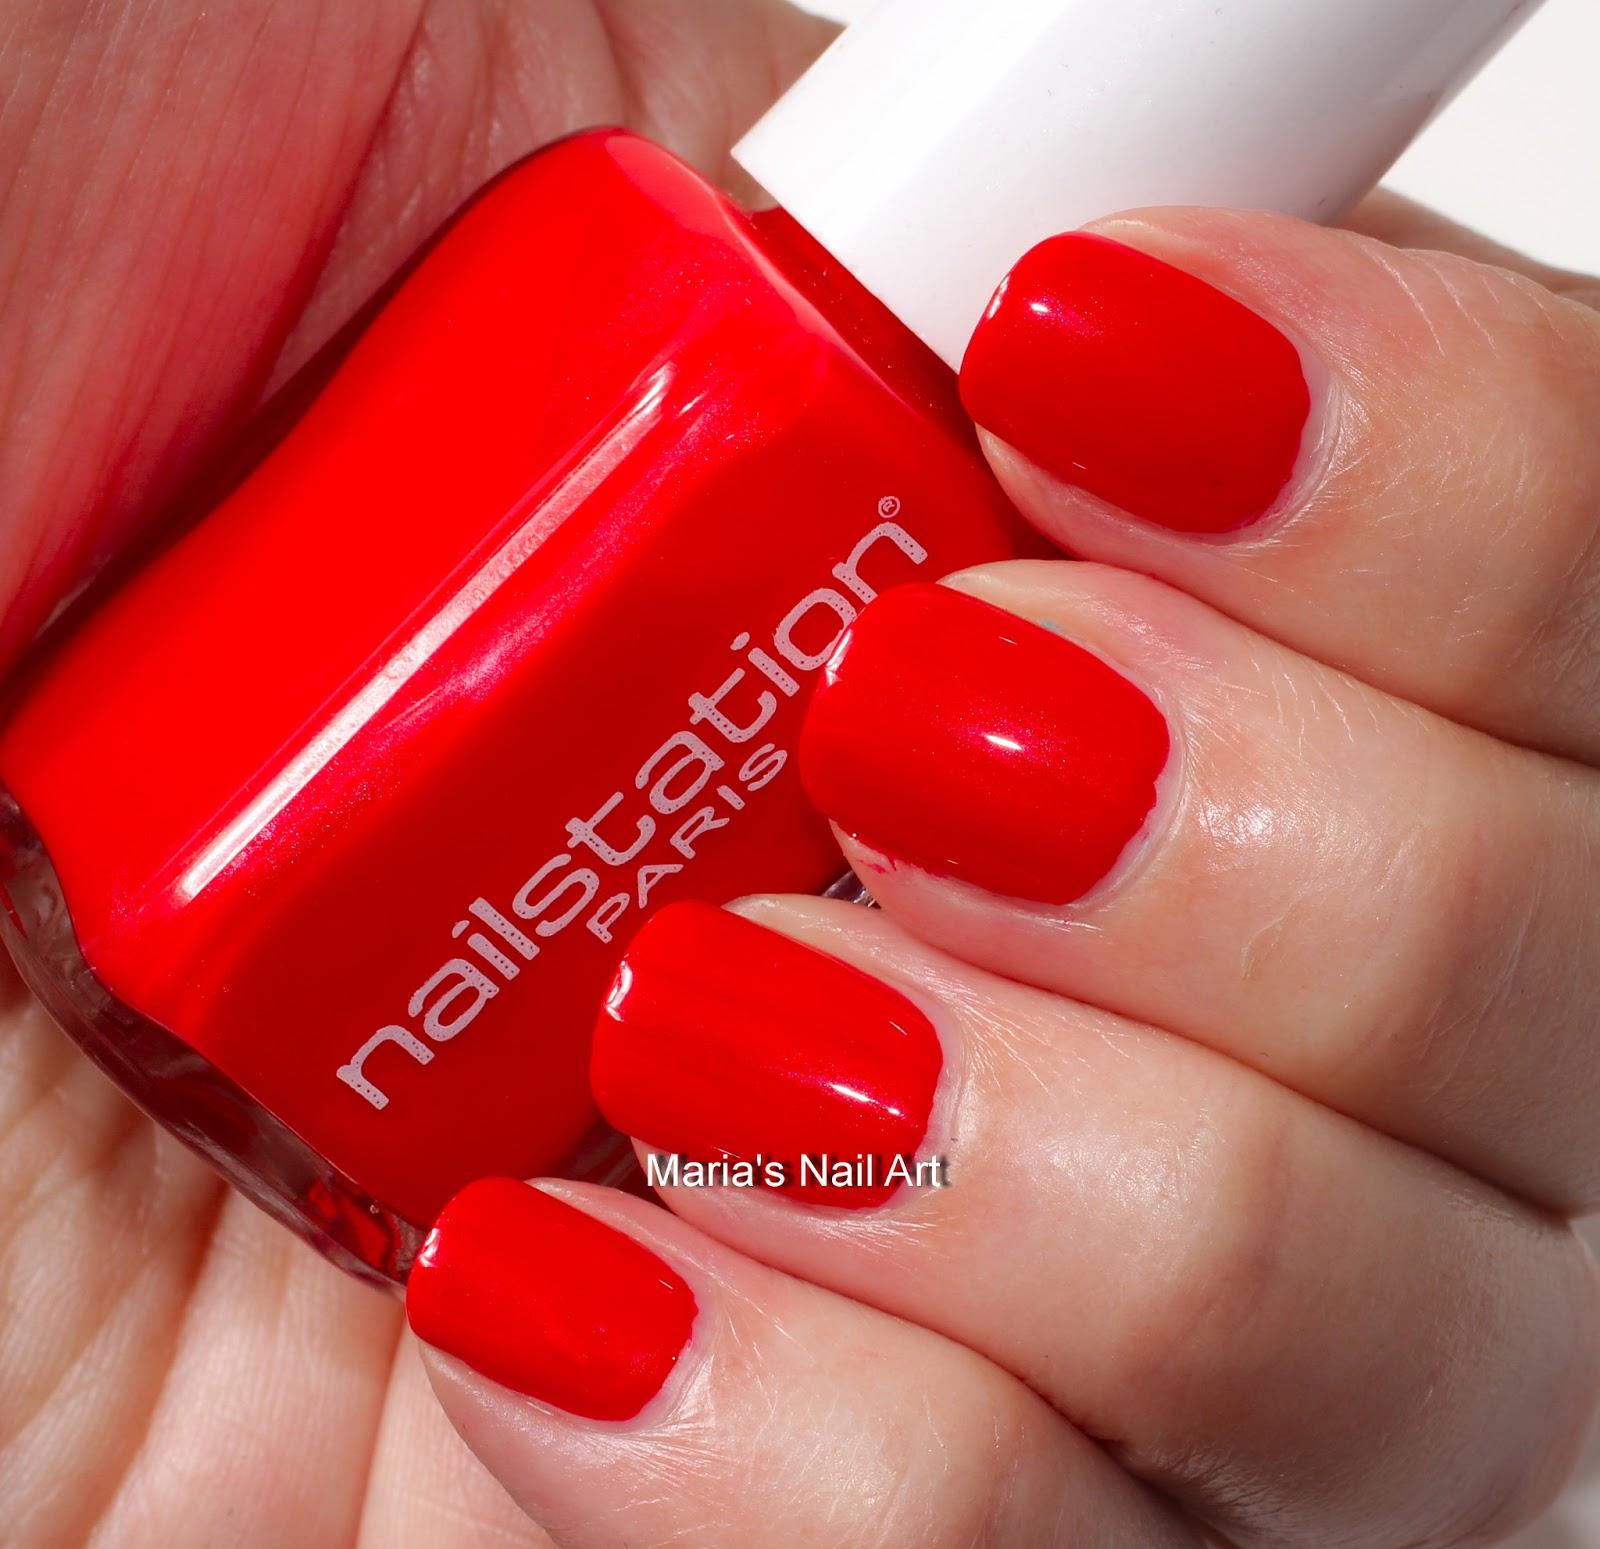 Marias Nail Art And Polish Blog: Nailstation Swatches: Red